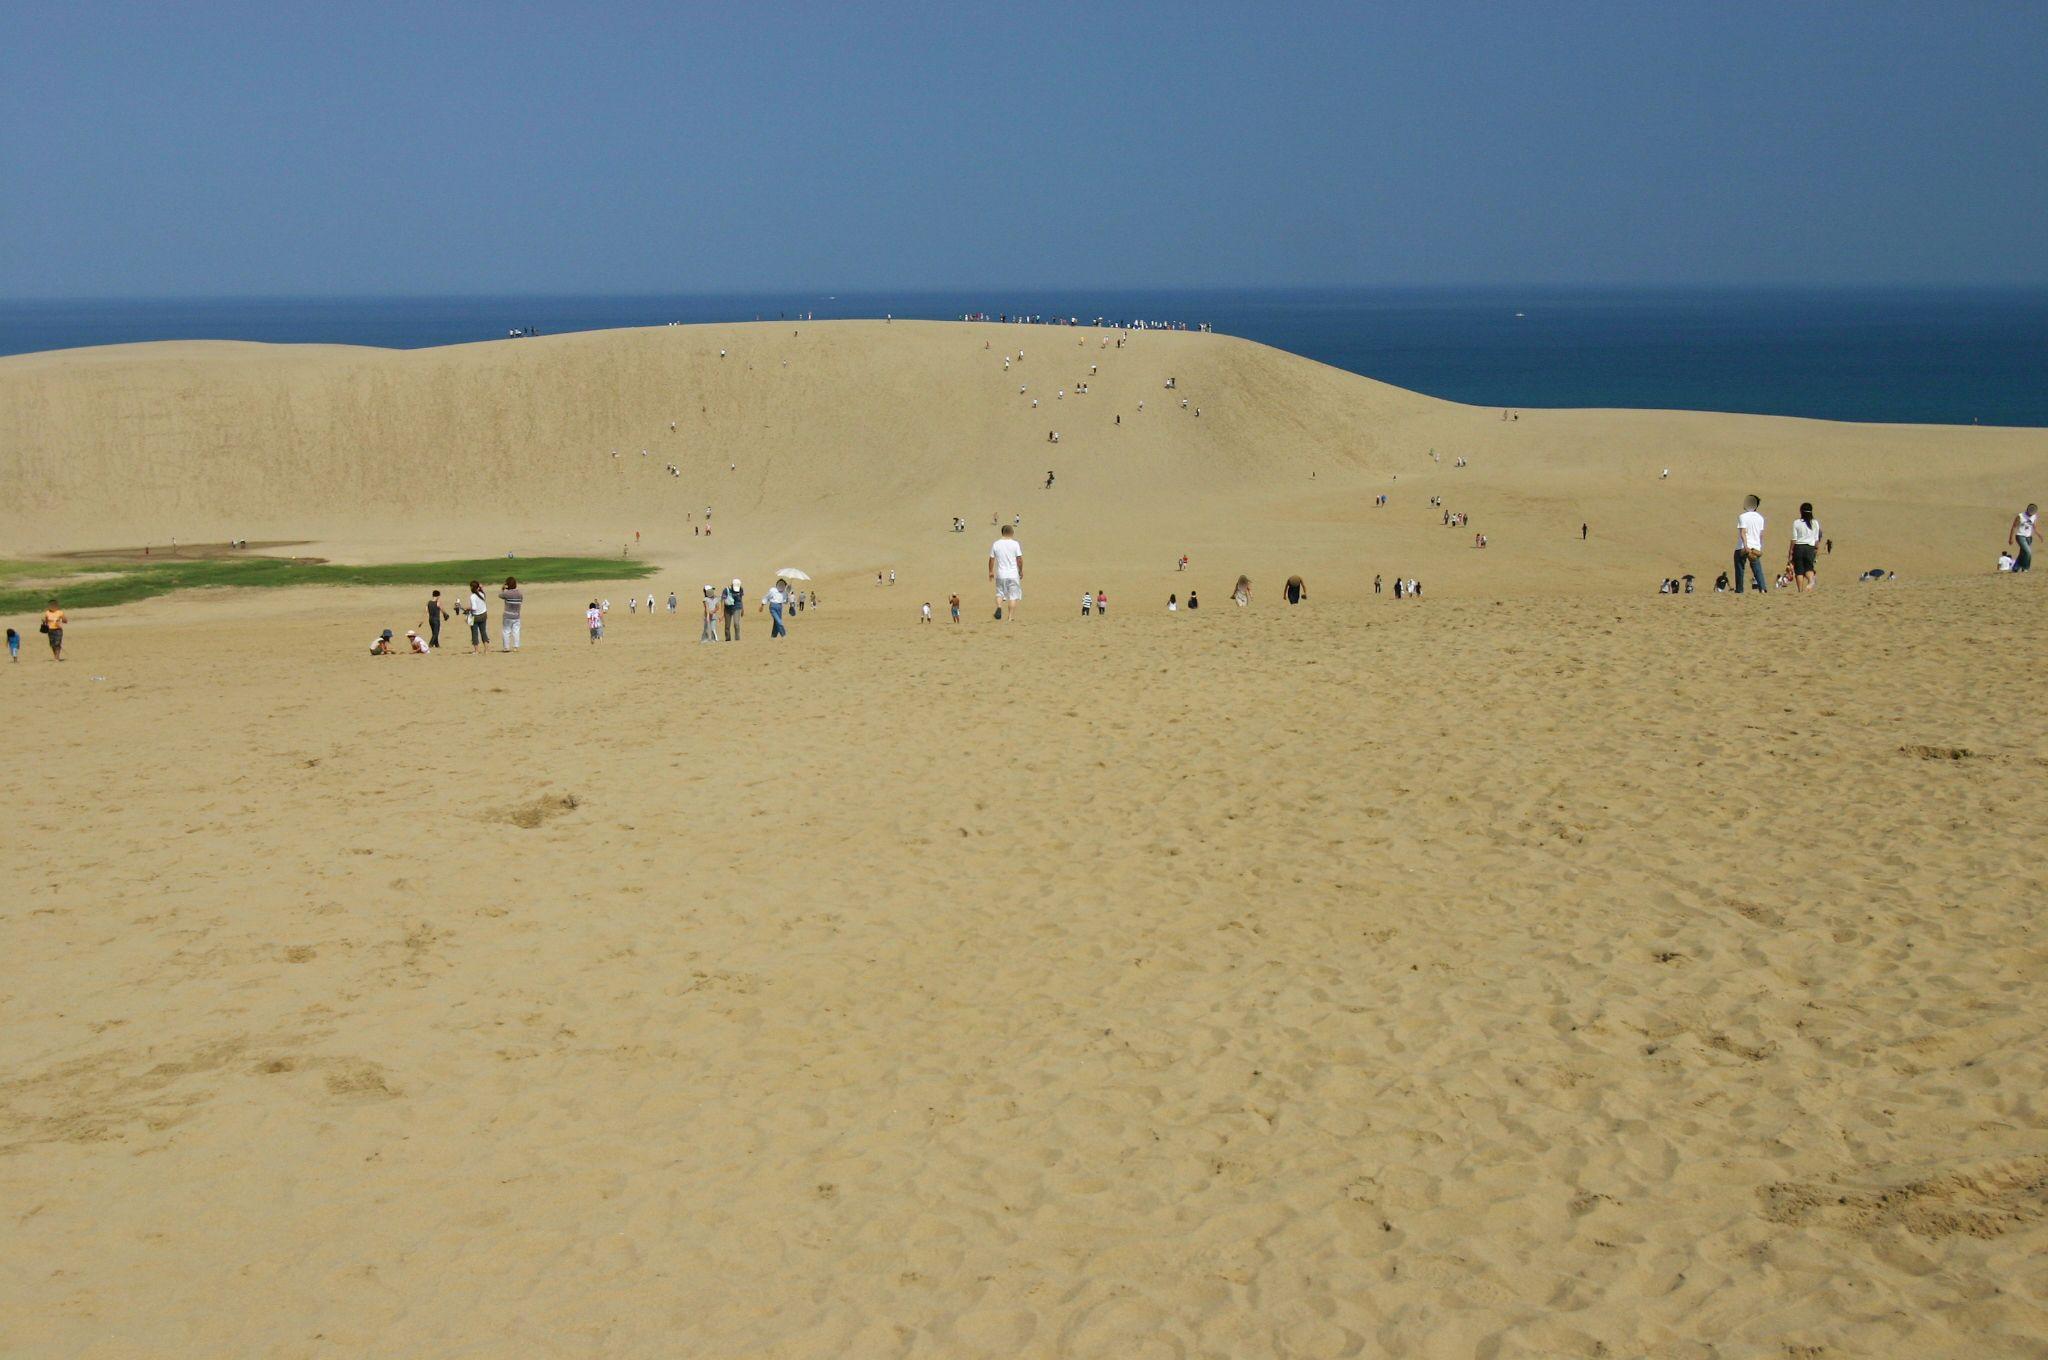 たくさんの人が歩いていた鳥取砂丘